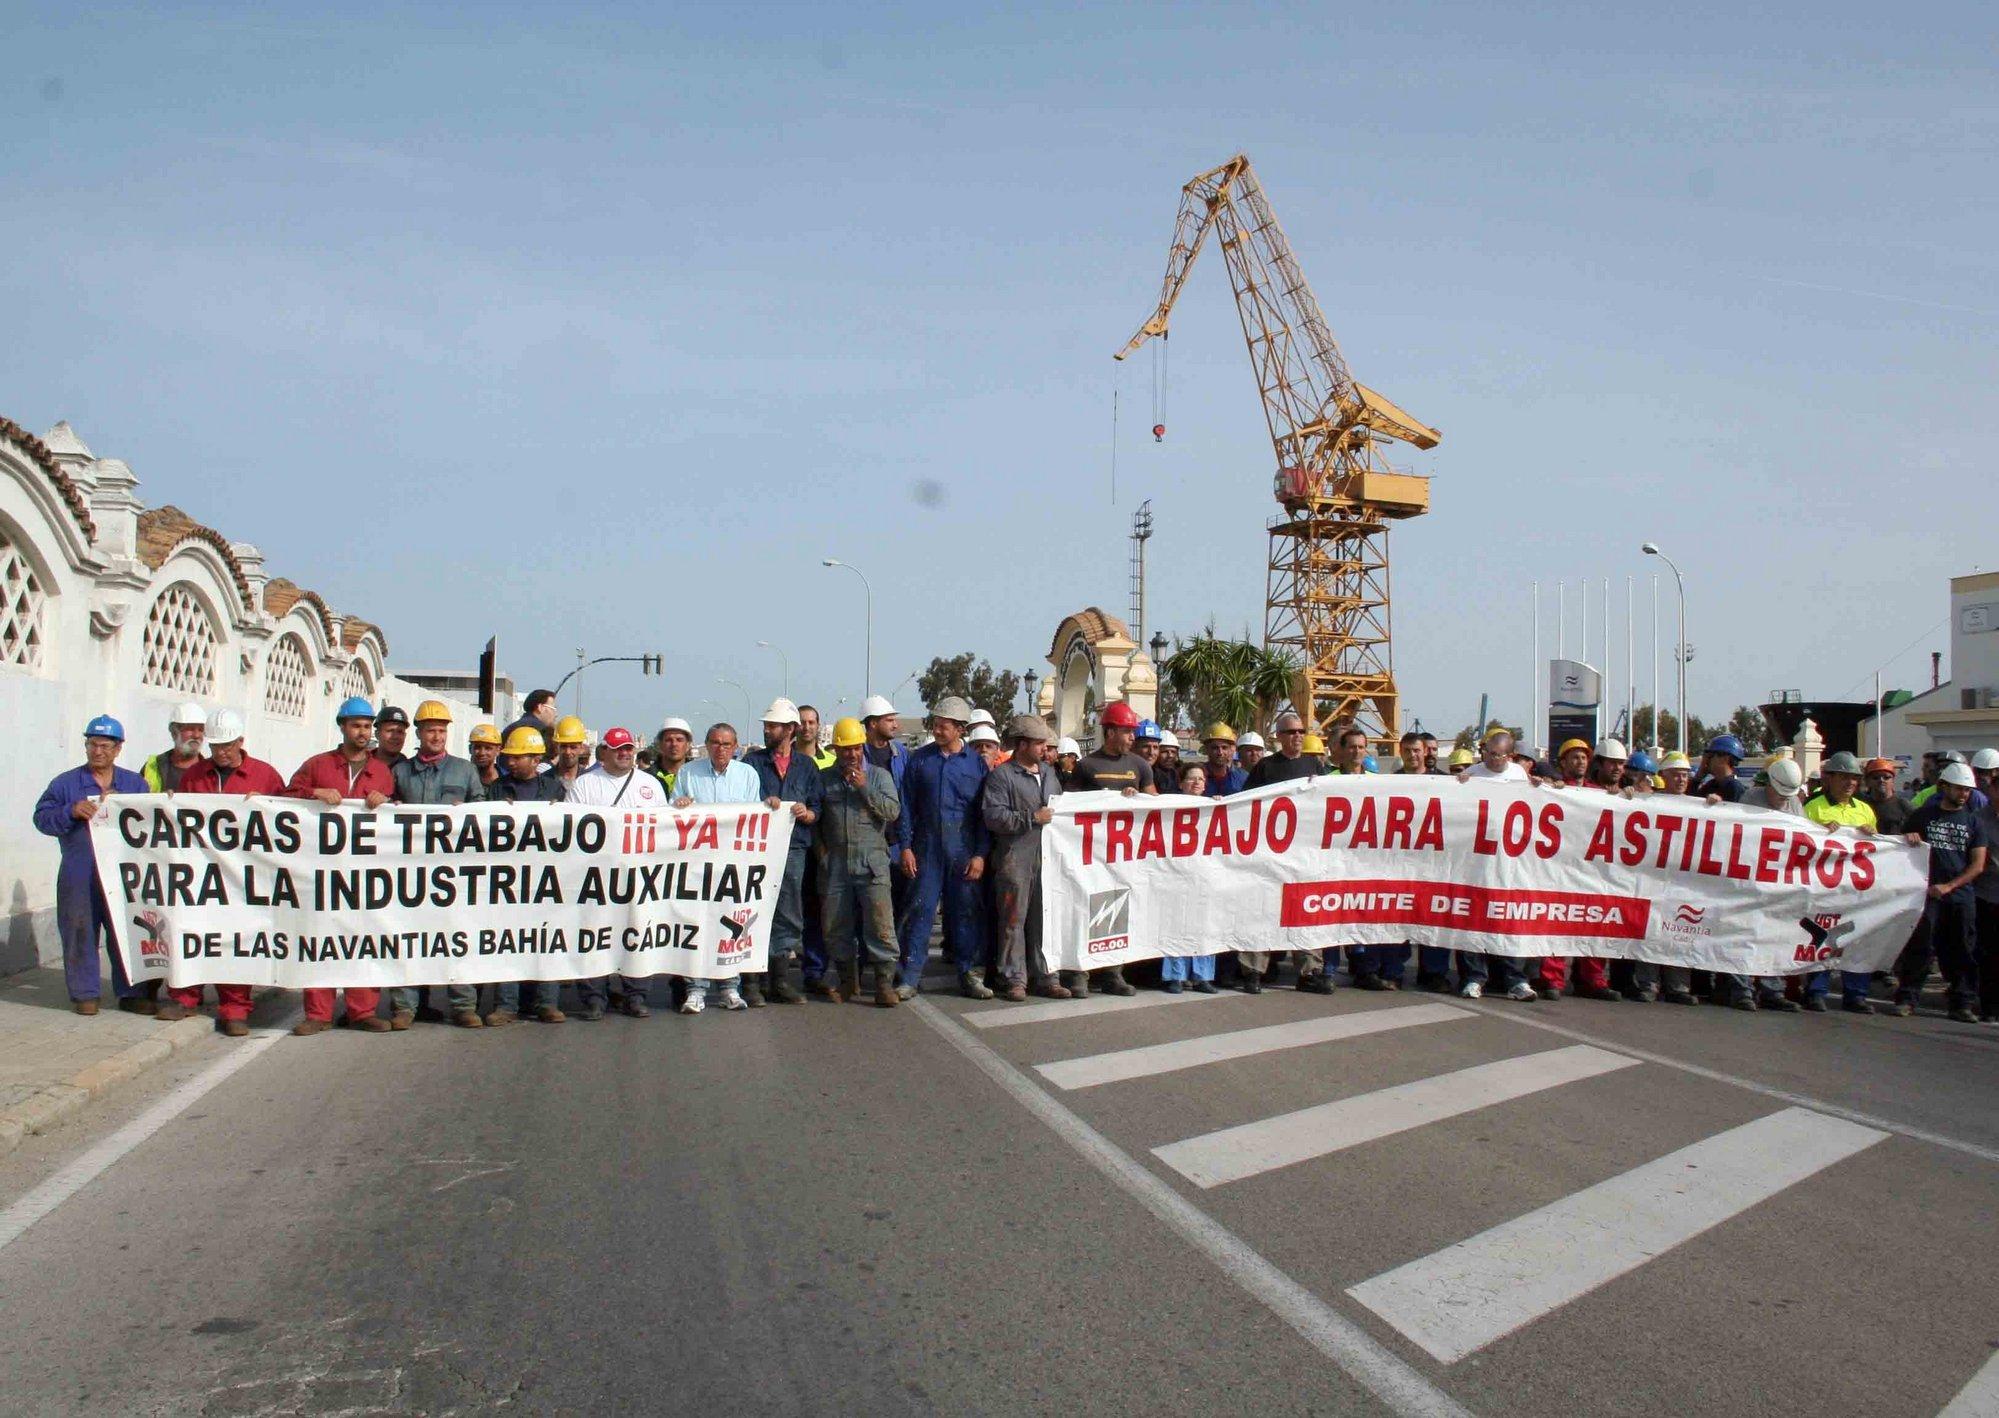 La plantilla del astillero gaditano realiza un corte simbólico de carretera en demanda de carga de trabajo